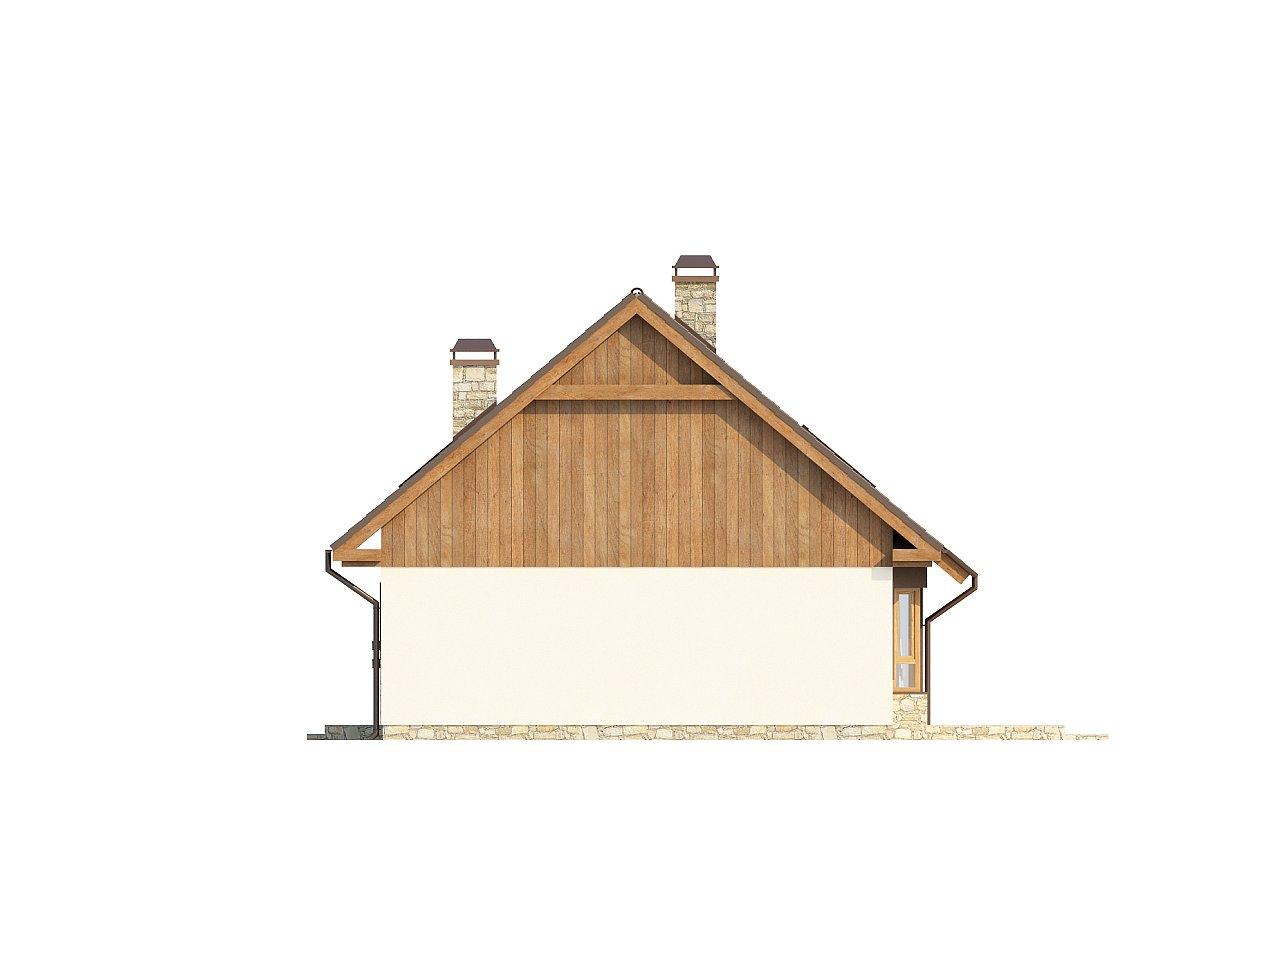 Выгодный и простой в строительстве дом с эркером в дневной зоне. 24